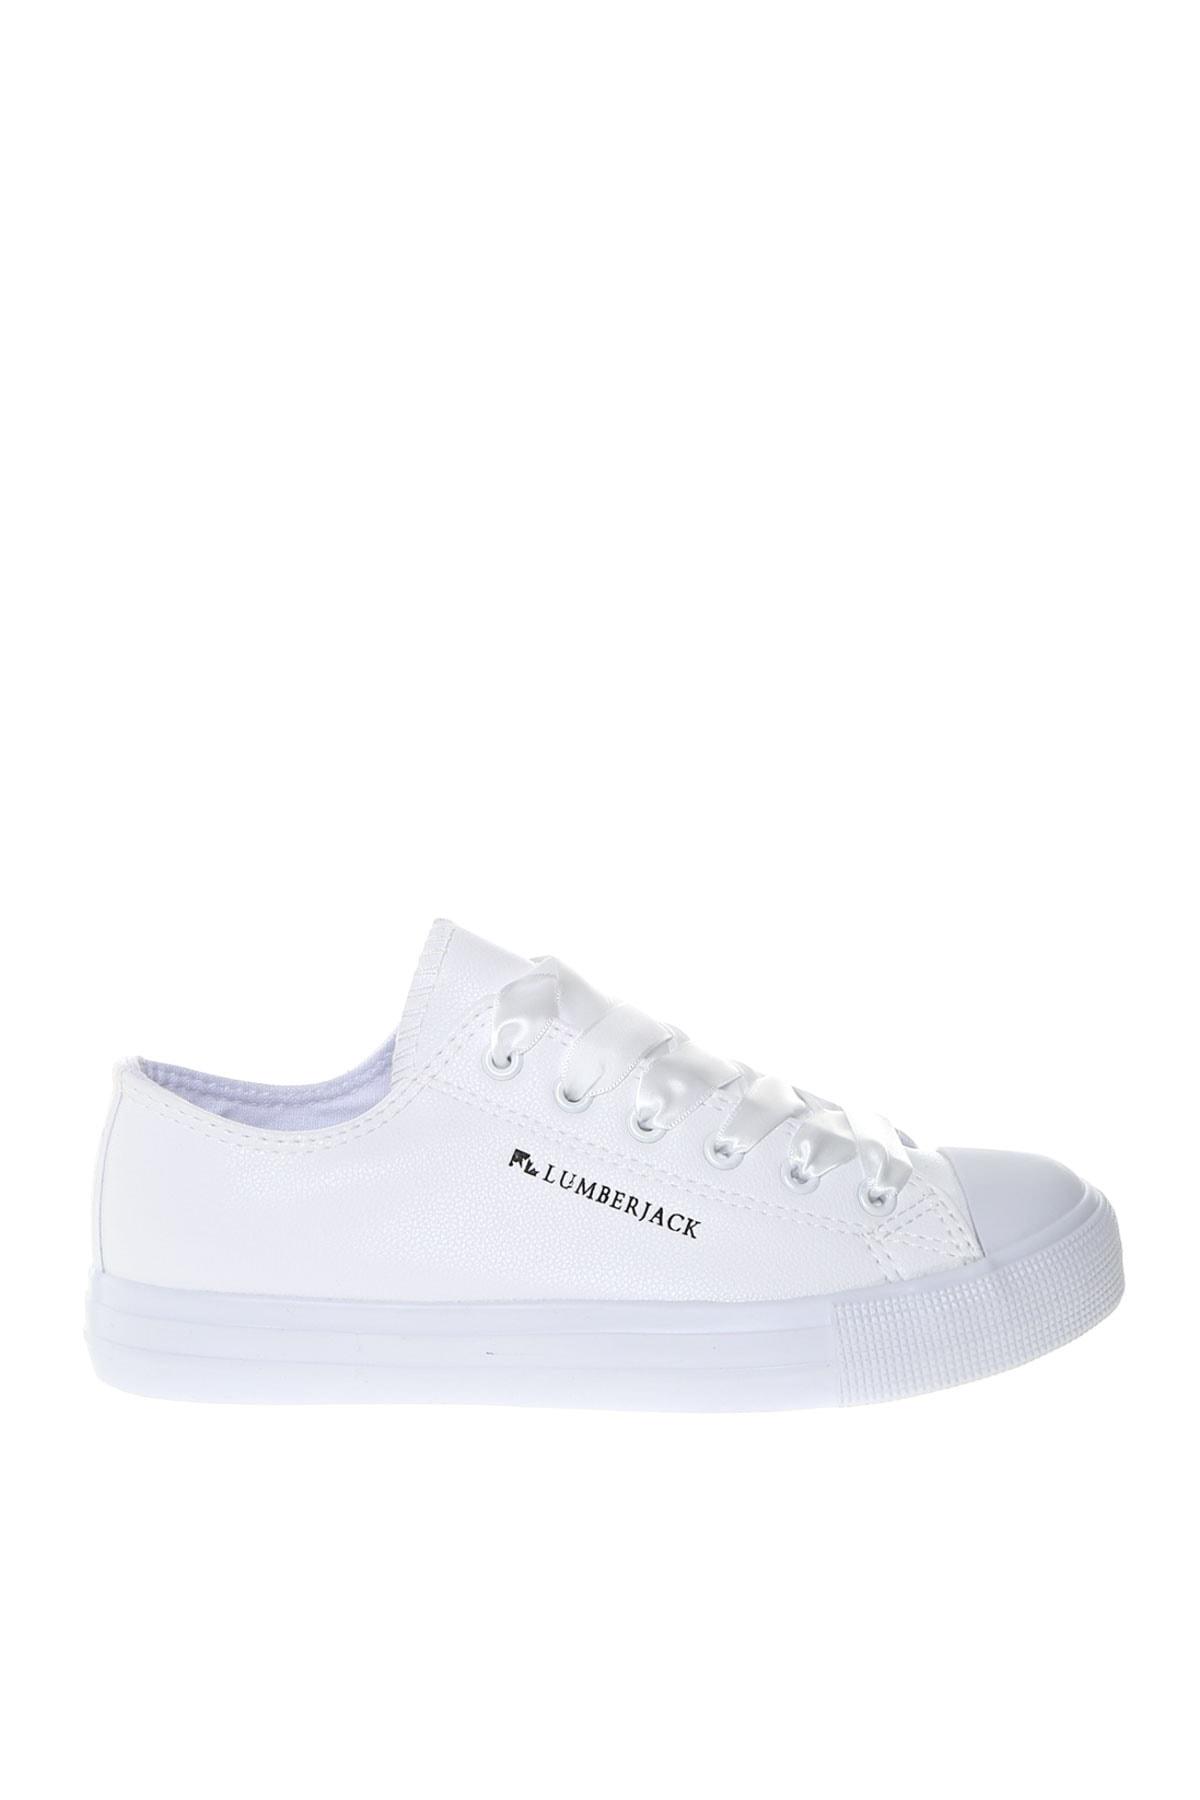 lumberjack Kadın Beyaz Spor Ayakkabı 1